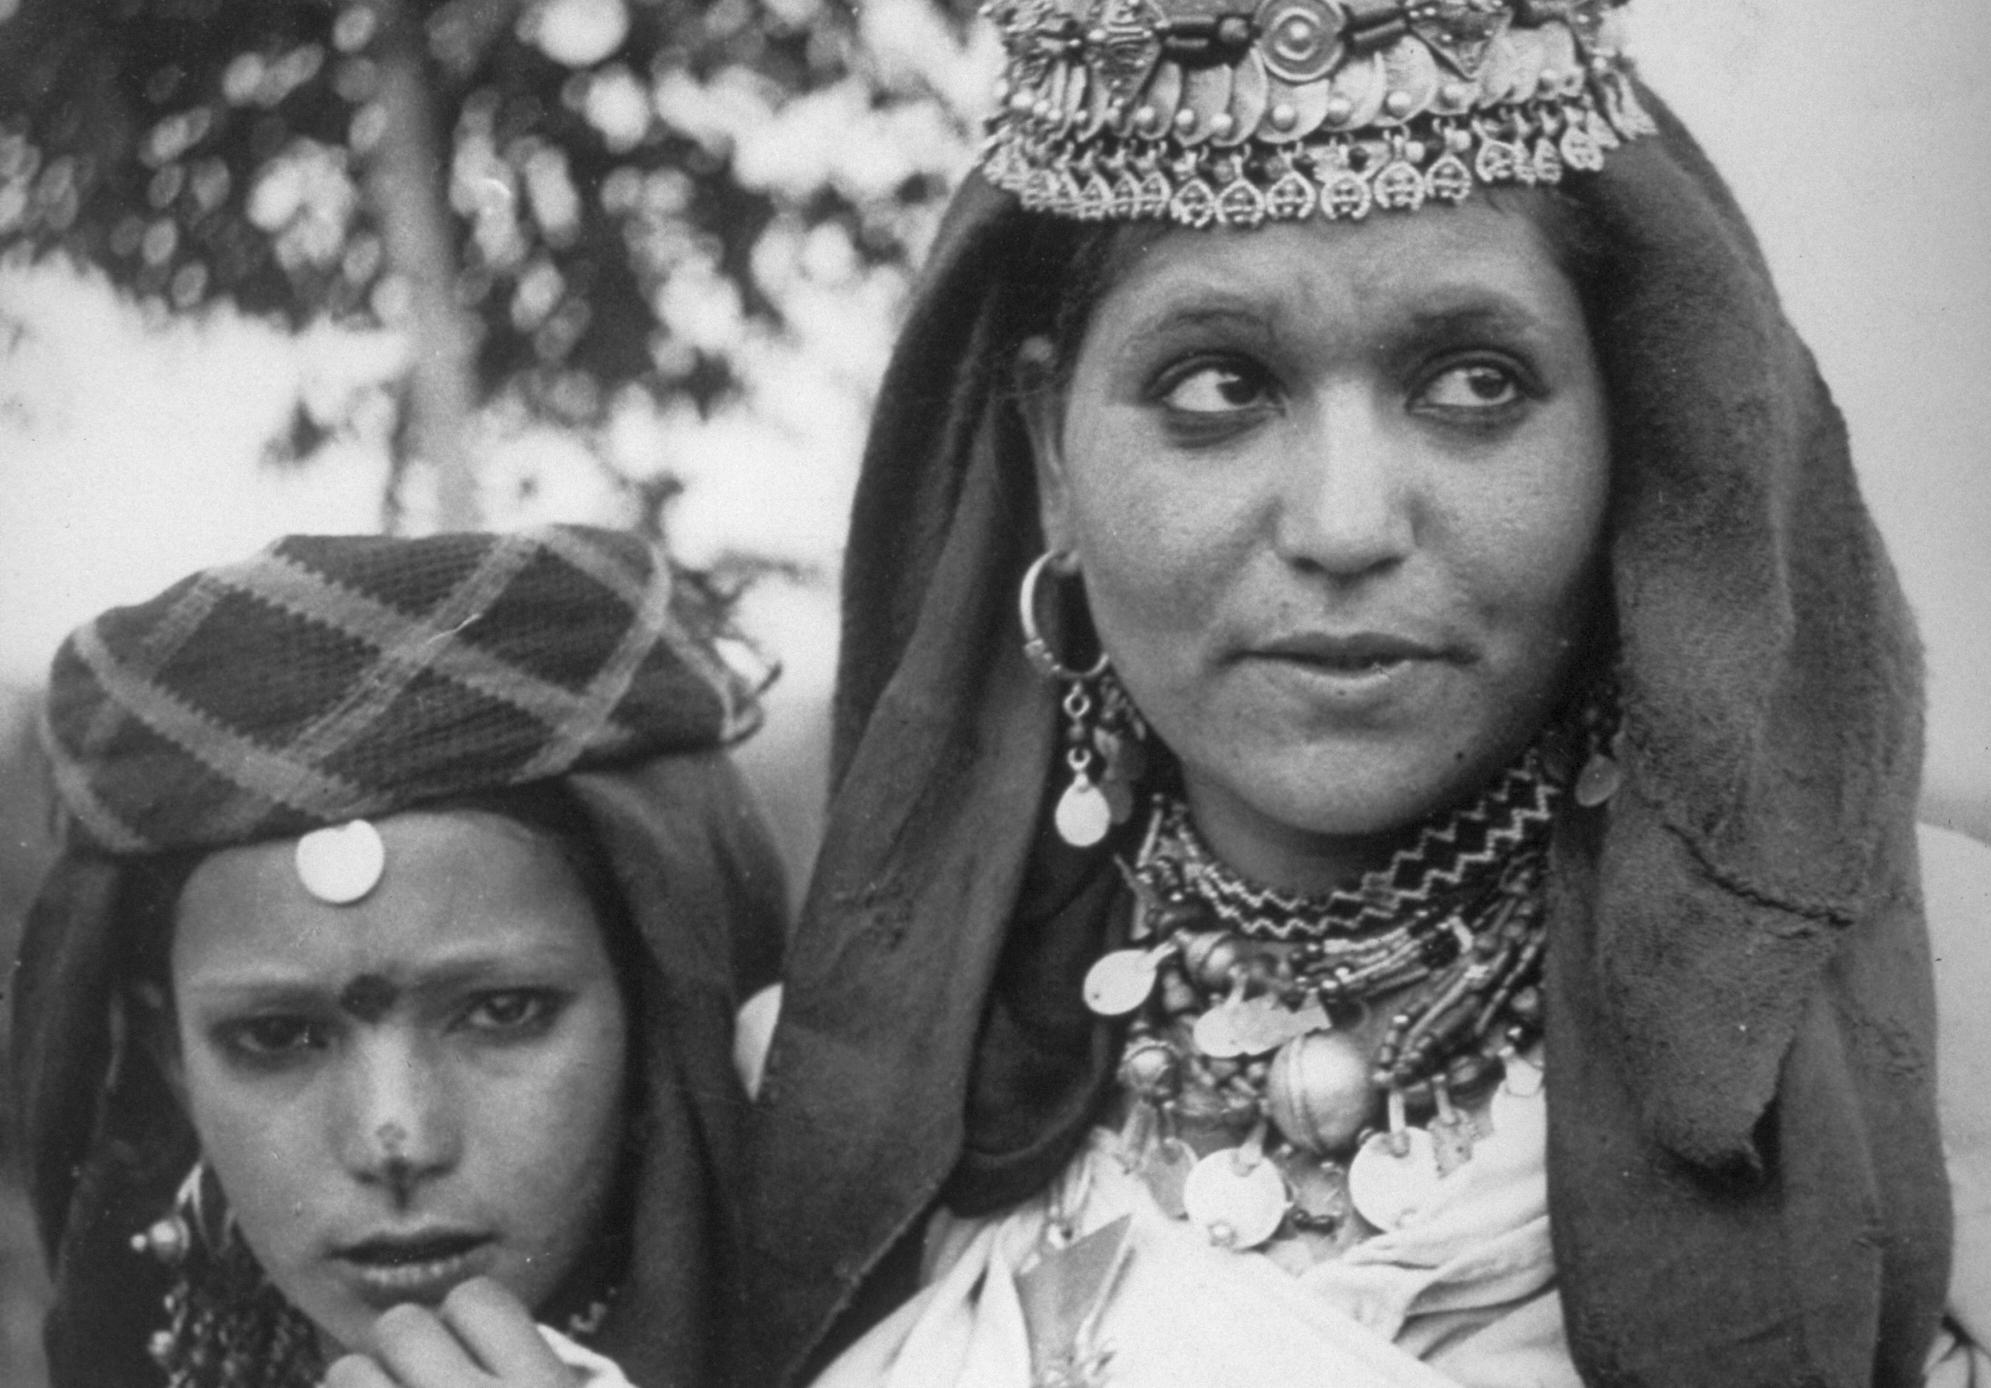 Kelaat M'Gouna, province de Tinghir, vallée du Todgha. Deux jeunes femmes en drapé blanc. (Crédit : mahJ © Adagp, Paris, 2020)